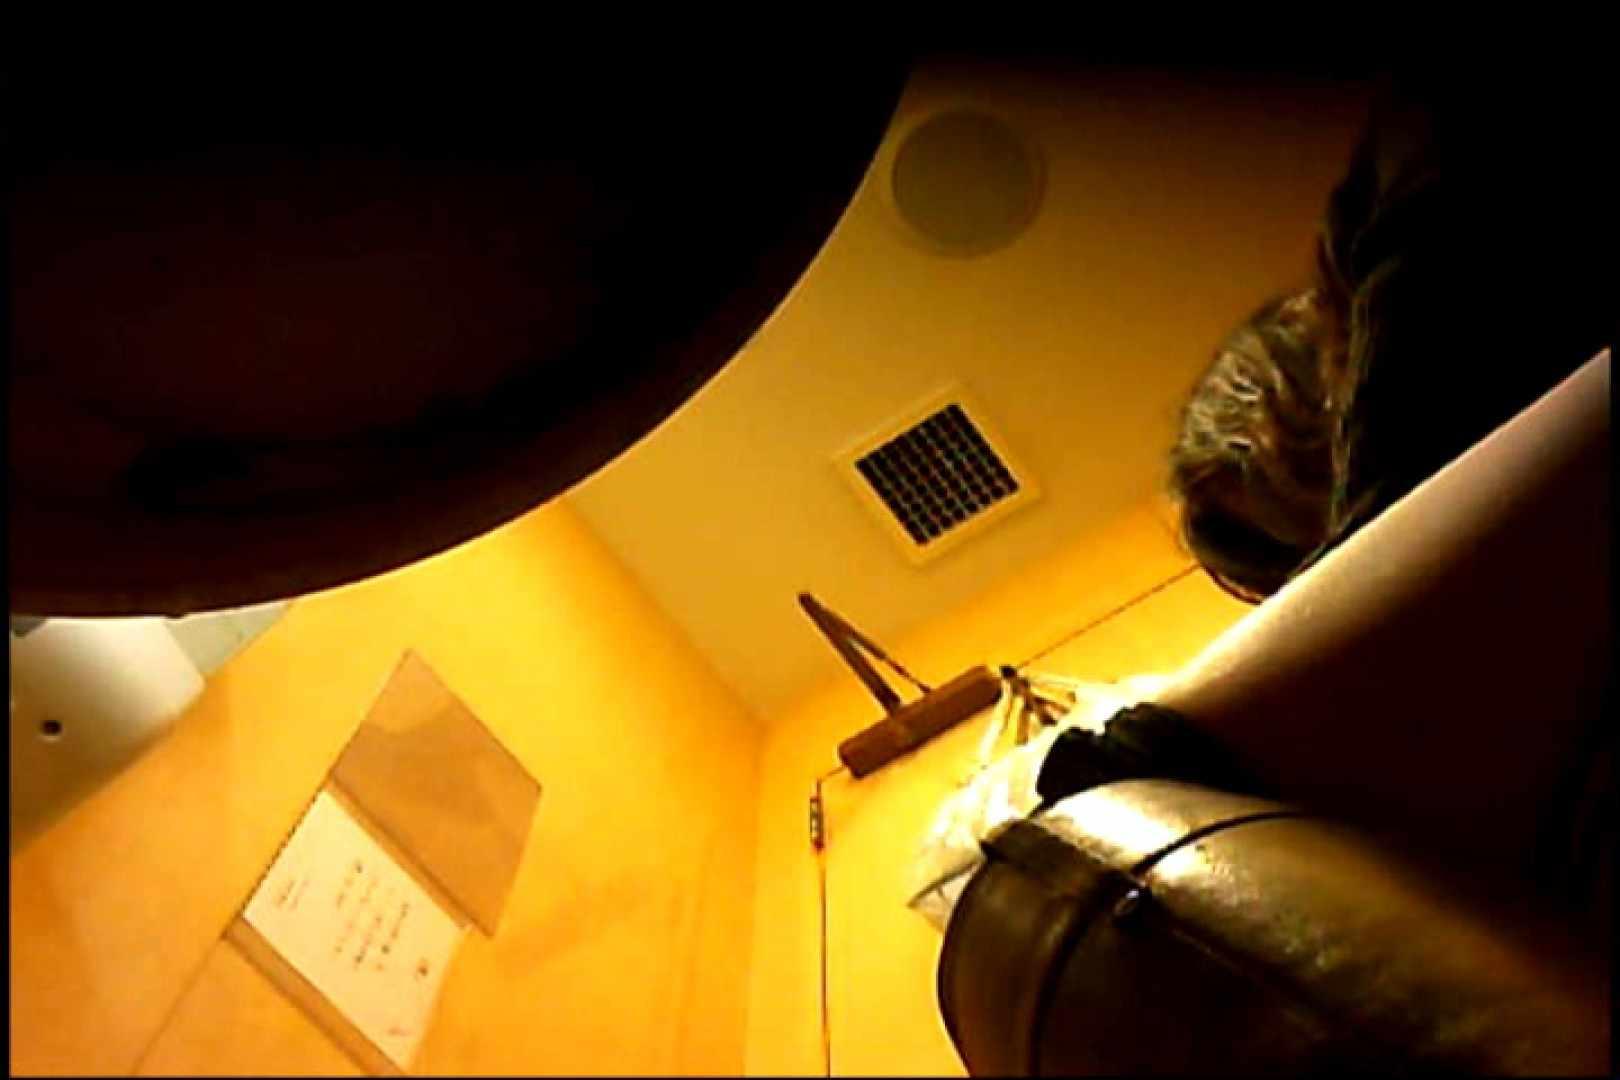 マダムが集まるデパートお手洗い Vol.11 お手洗い おめこ無修正動画無料 77連発 2